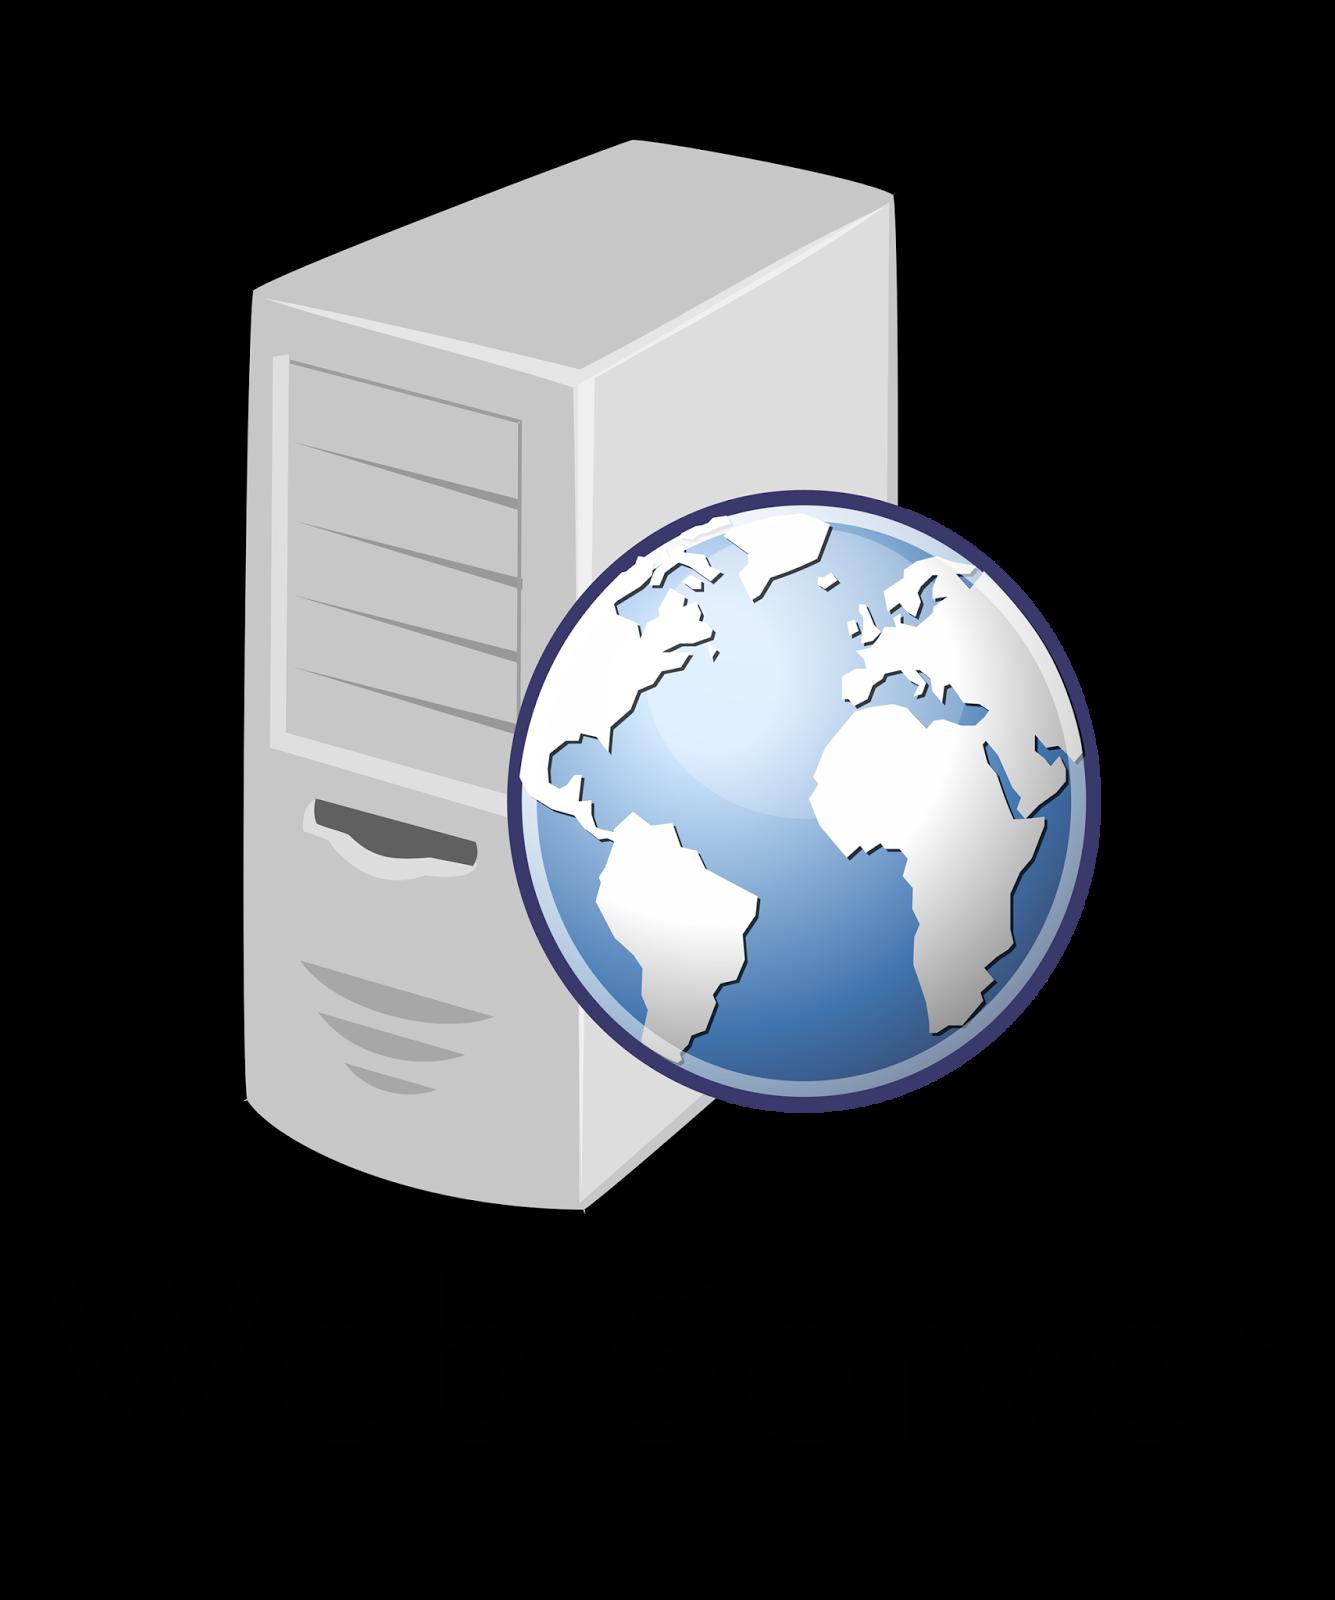 apa itu web server